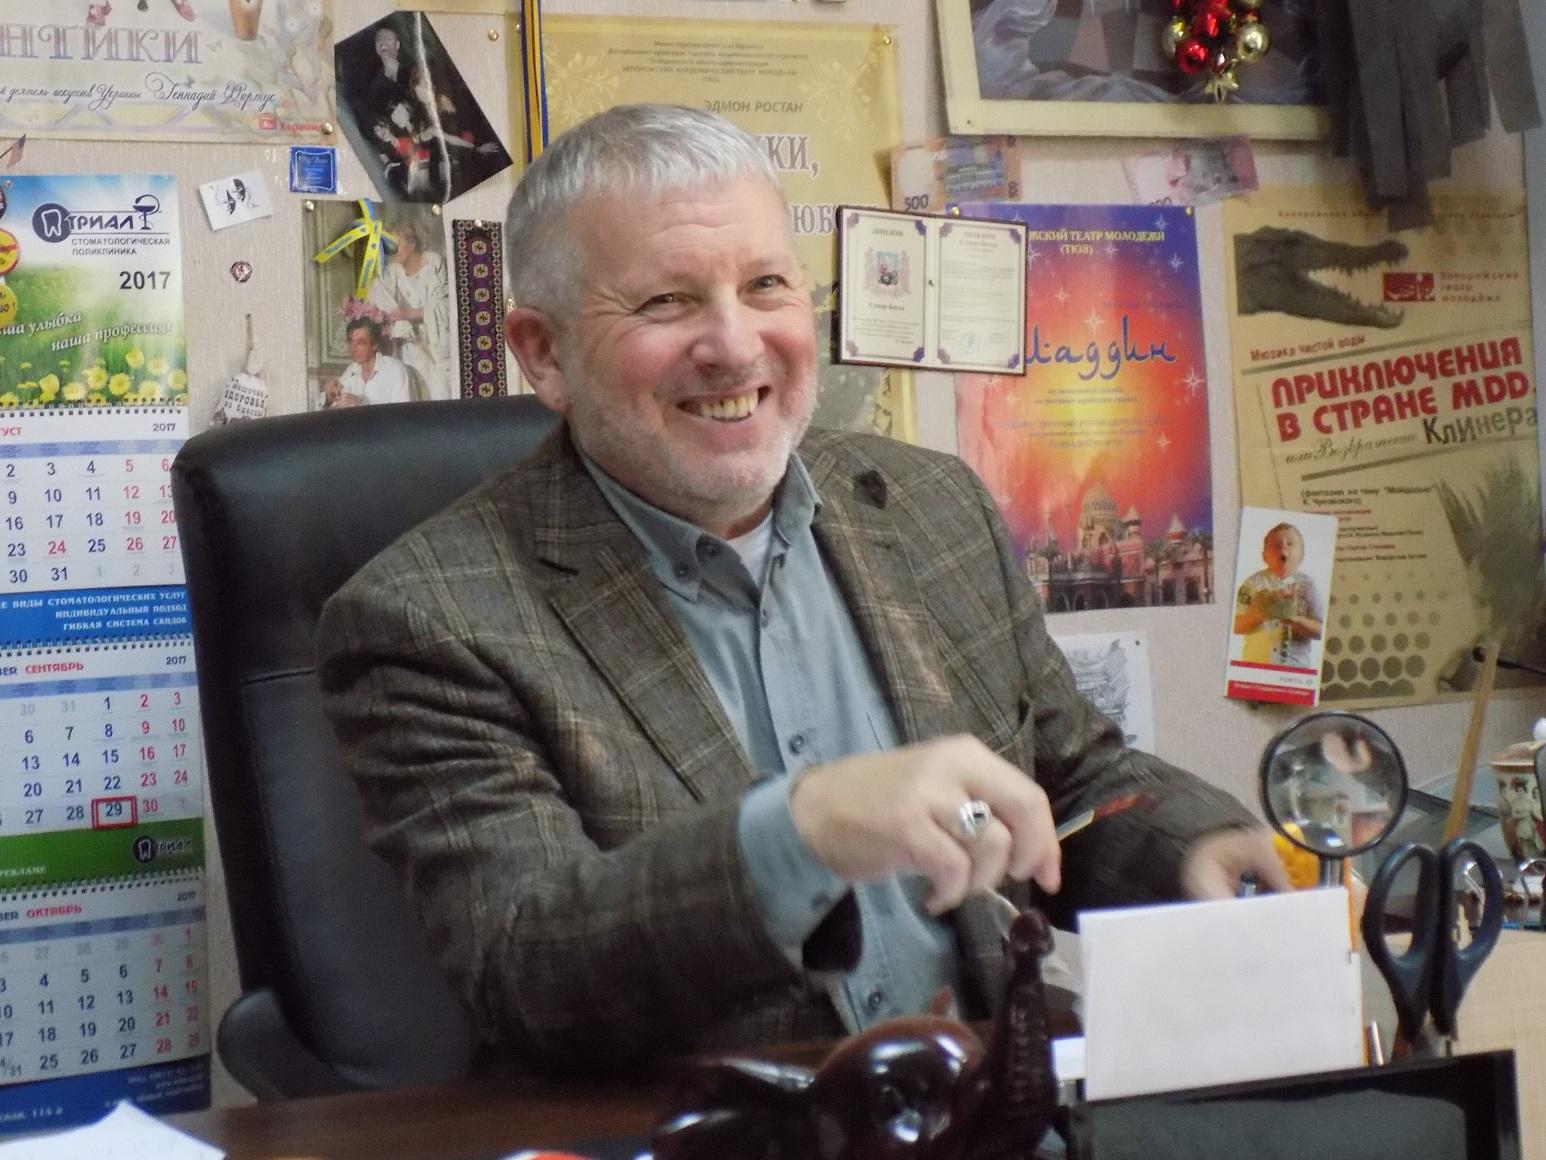 Геннадий Фортус: «Театр должен формировать своего зрителя!»